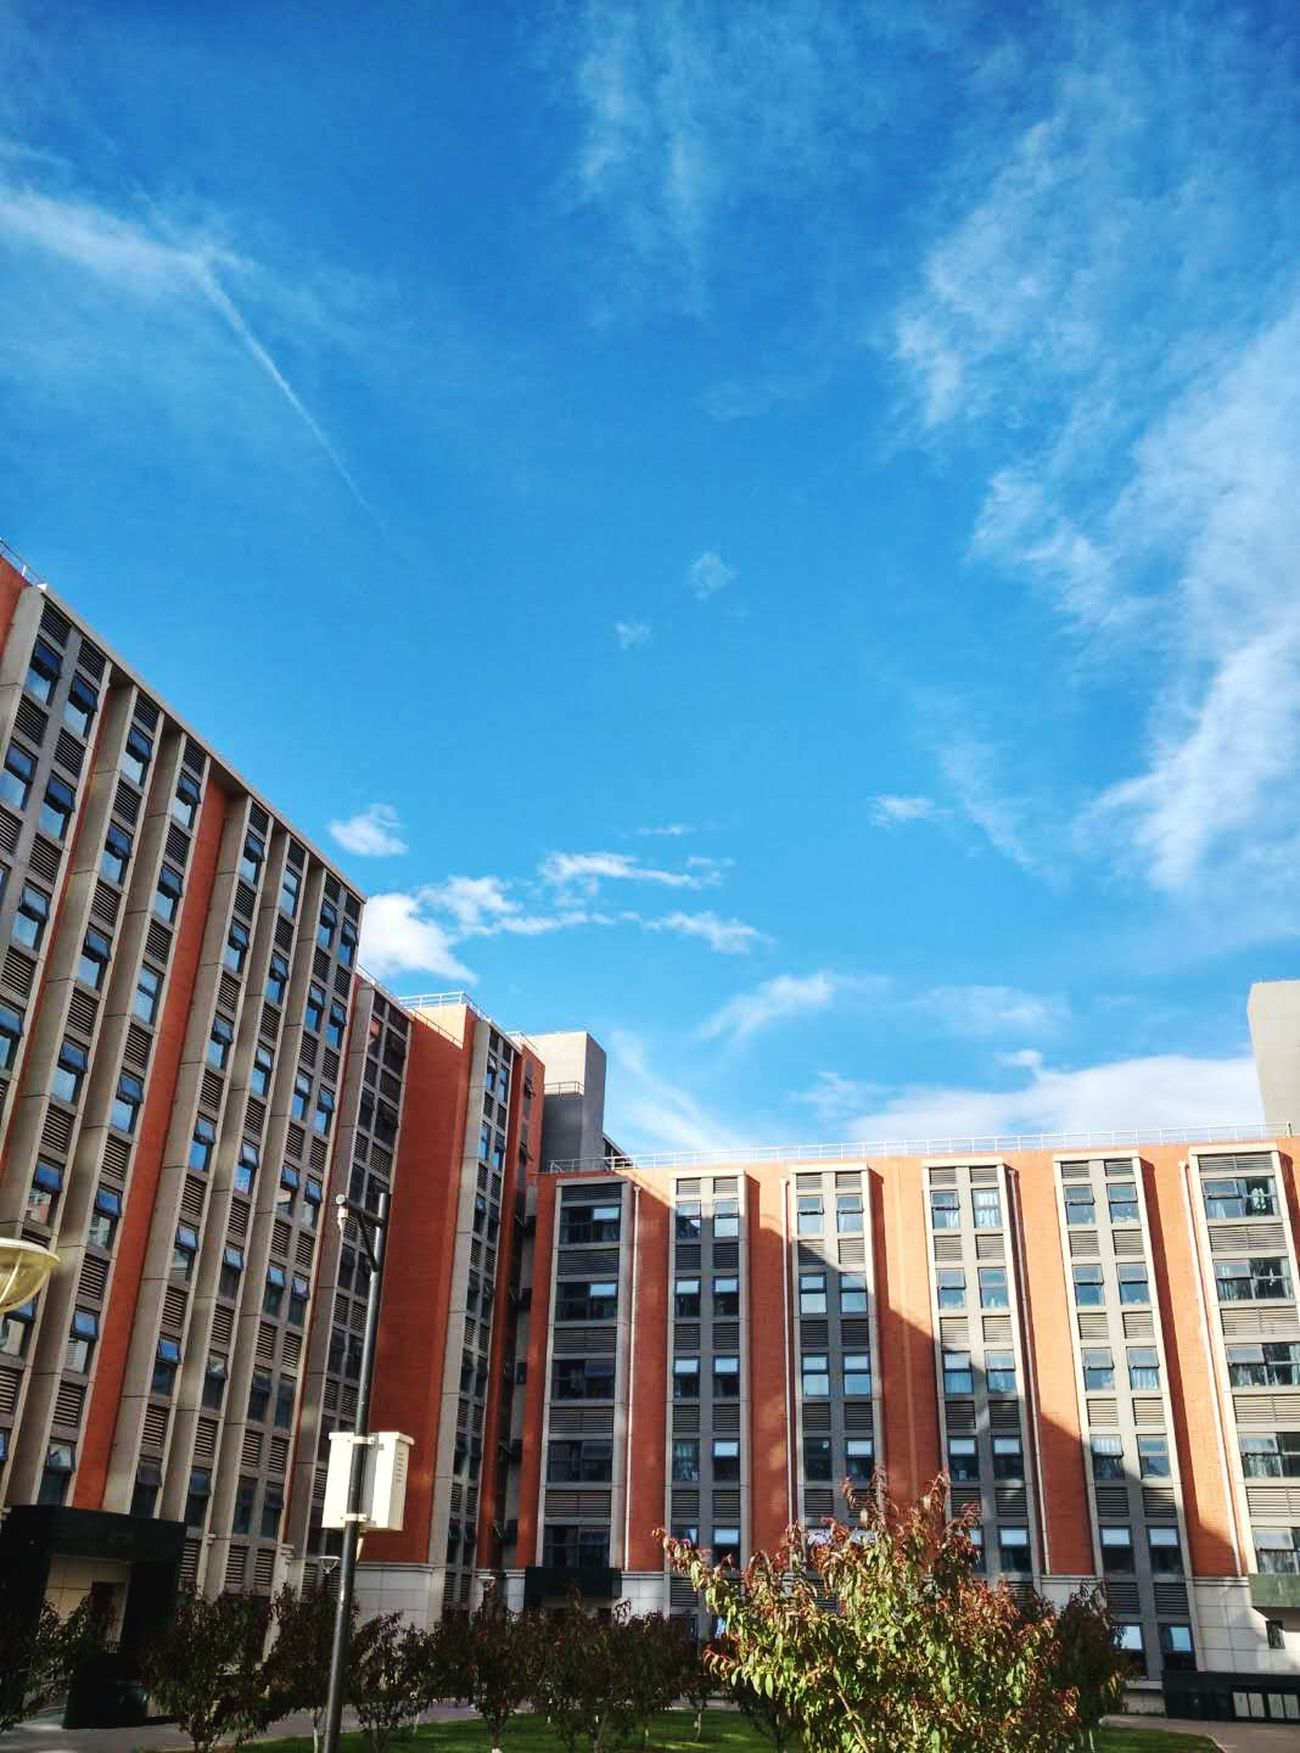 My University Photos 365 Sky Lovely Weather UCAS